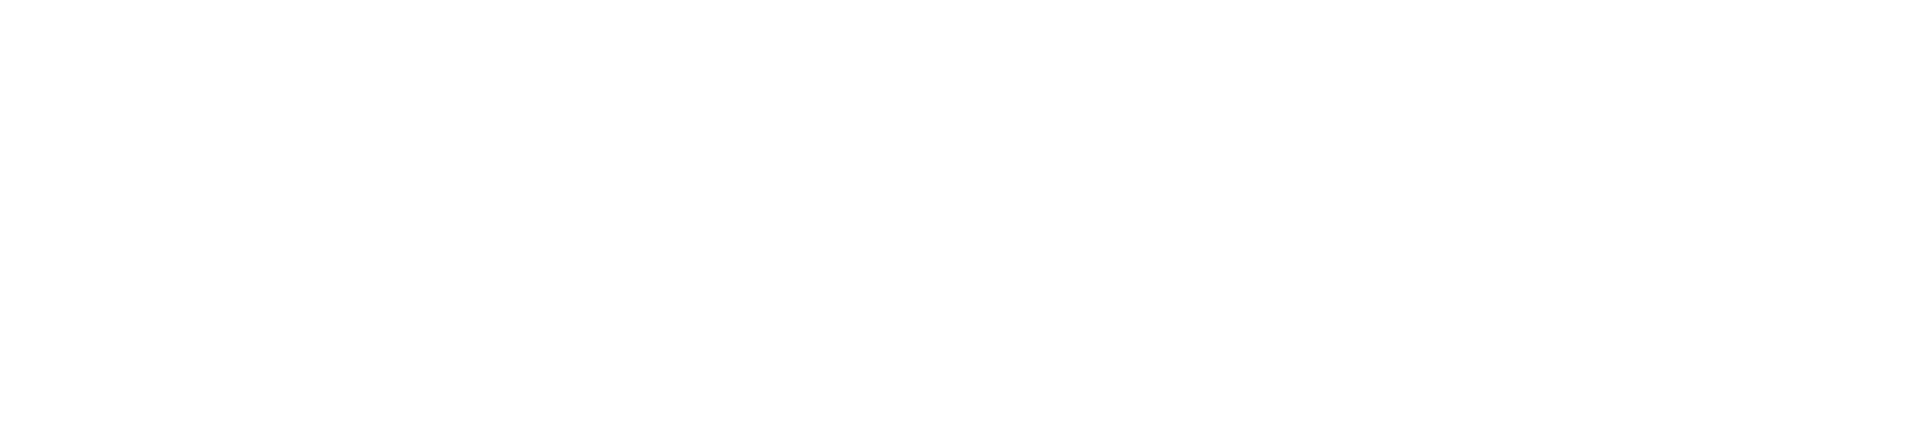 Parkson logo